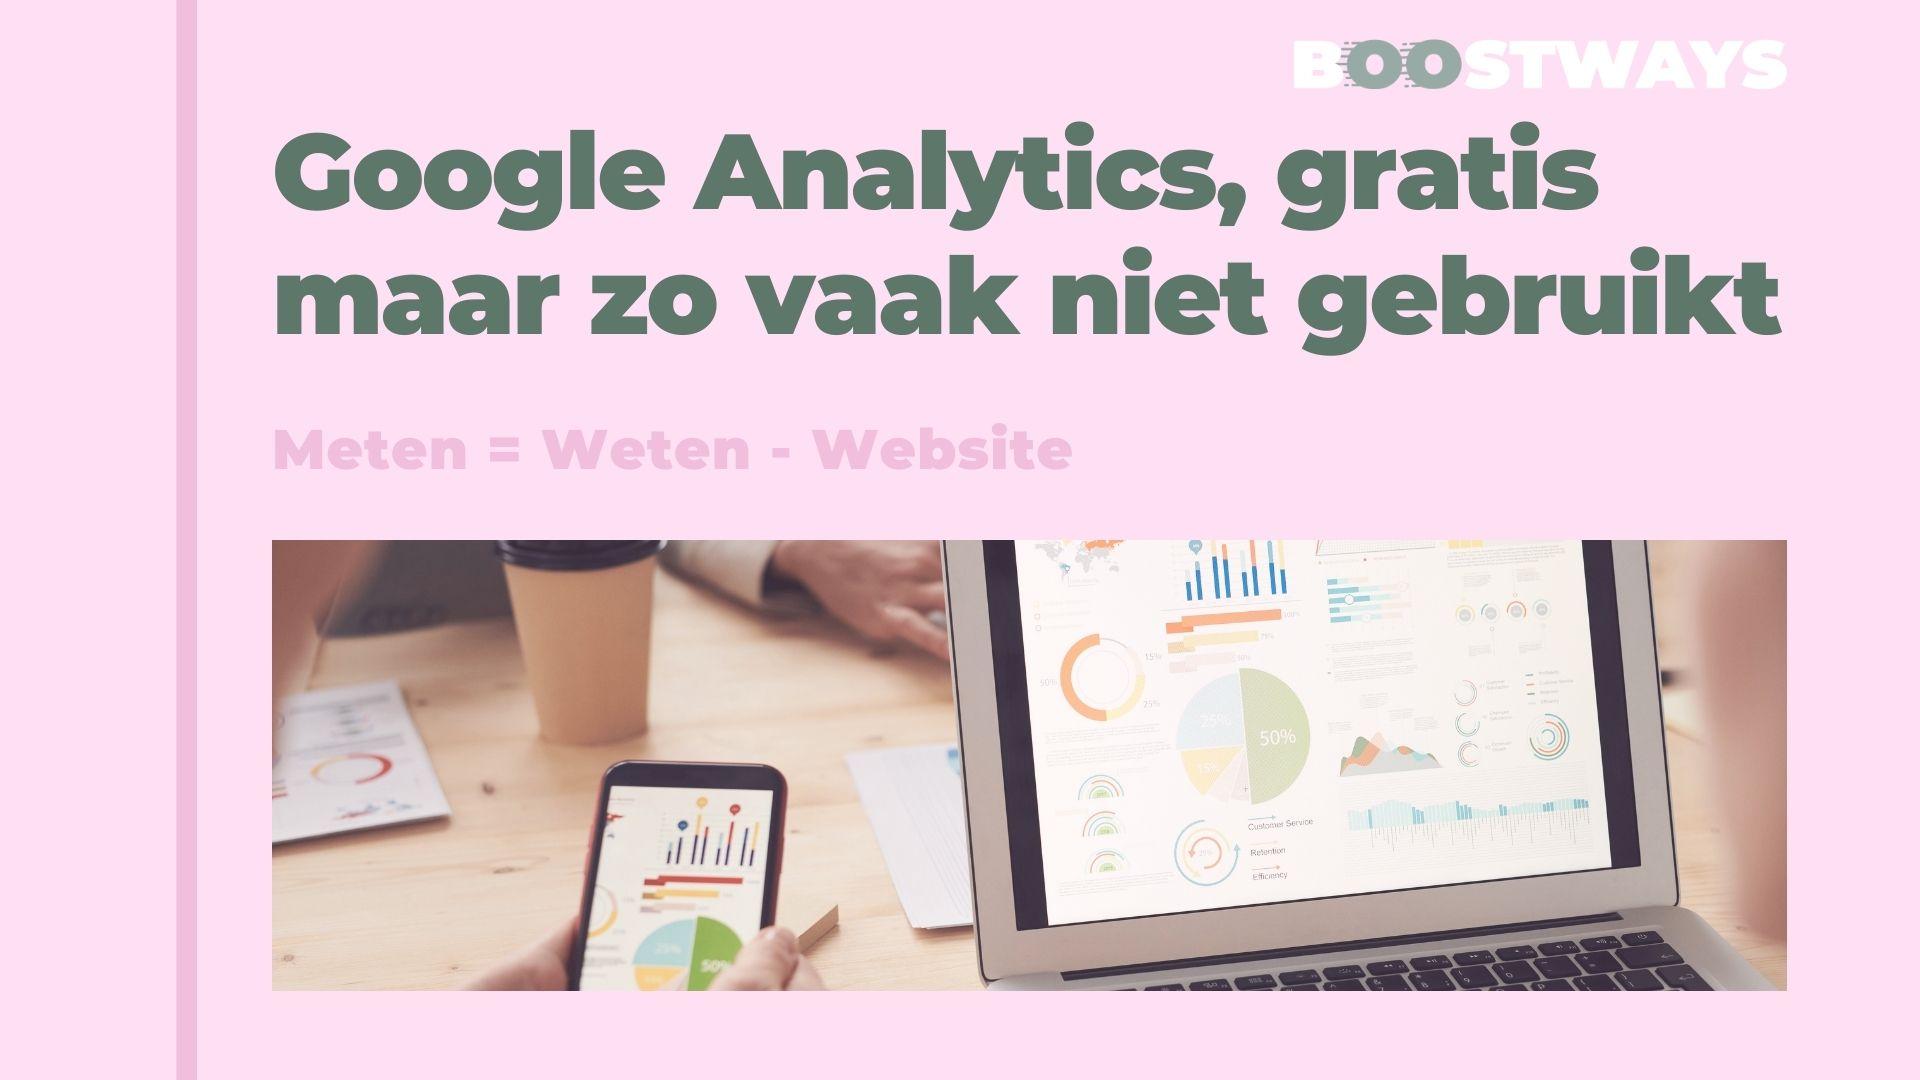 Google Analytics, gratis maar zo vaak niet gebruikt.